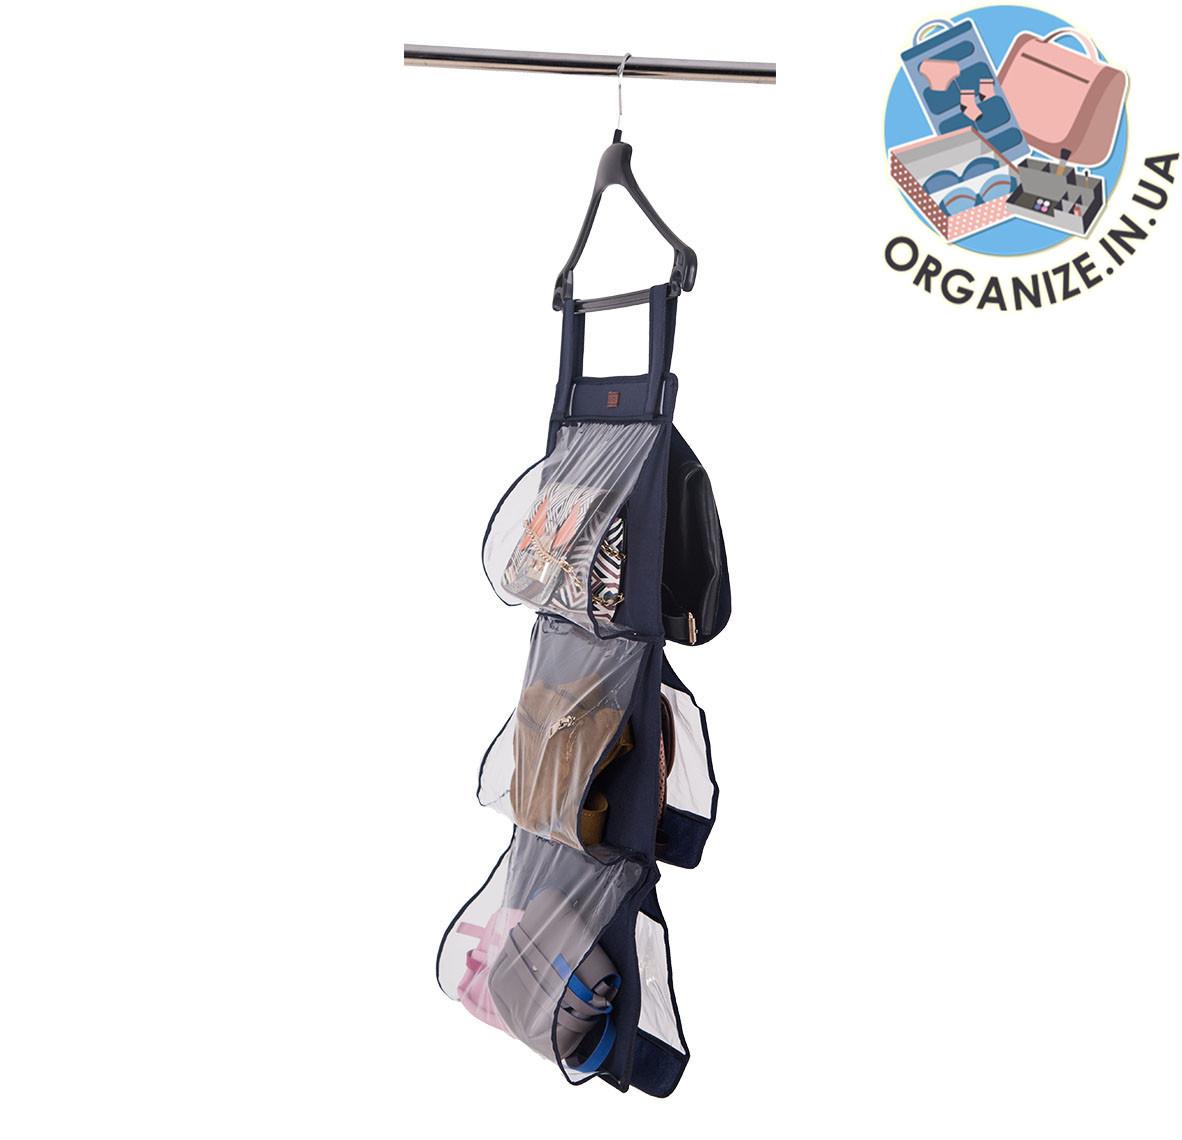 Подвесной органайзер для хранения сумок S ORGANIZE  (синий)